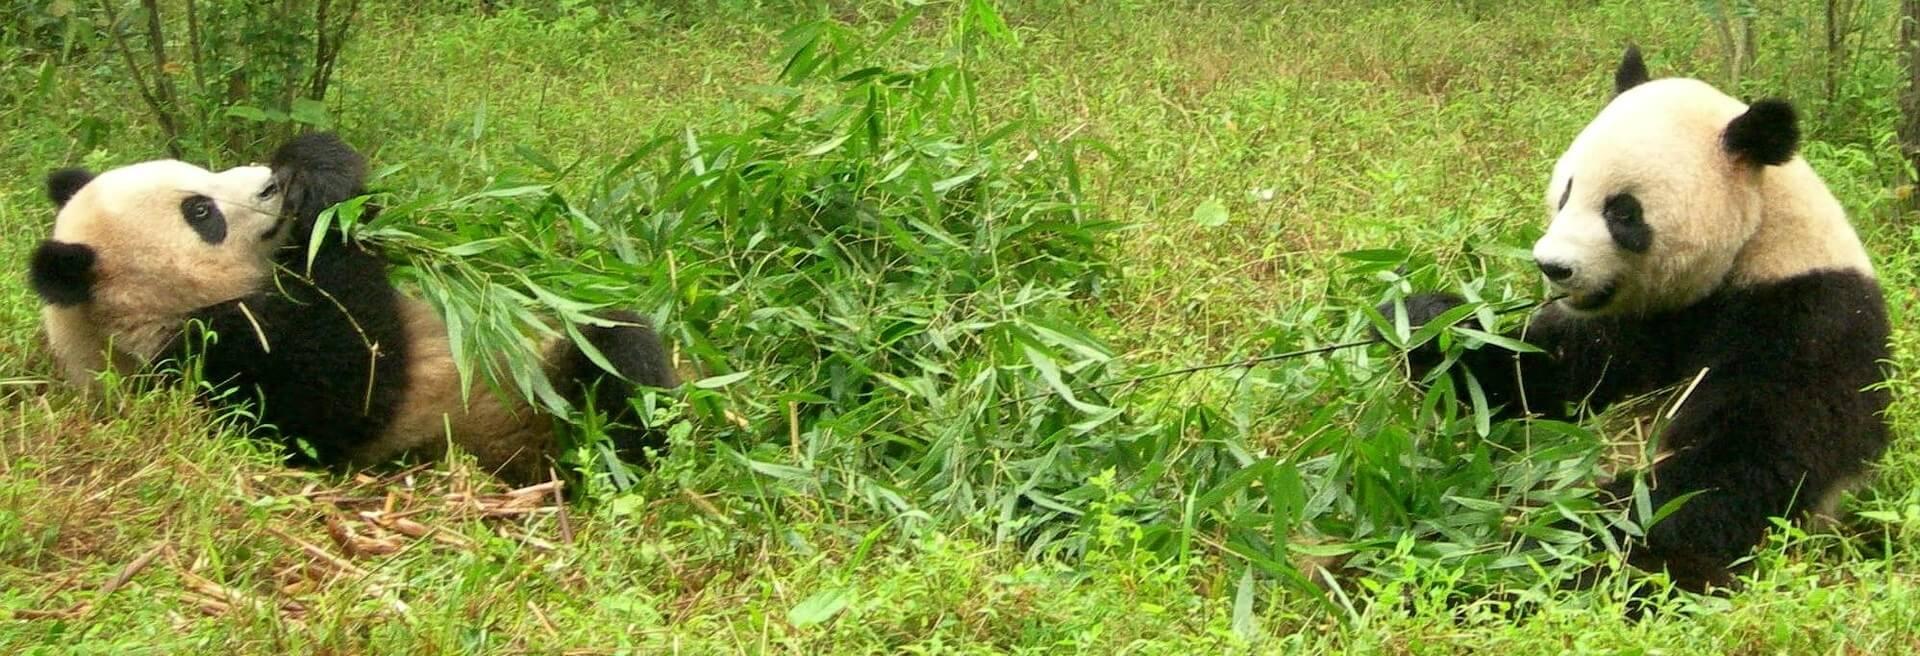 Wie viele Pandas gibt es noch